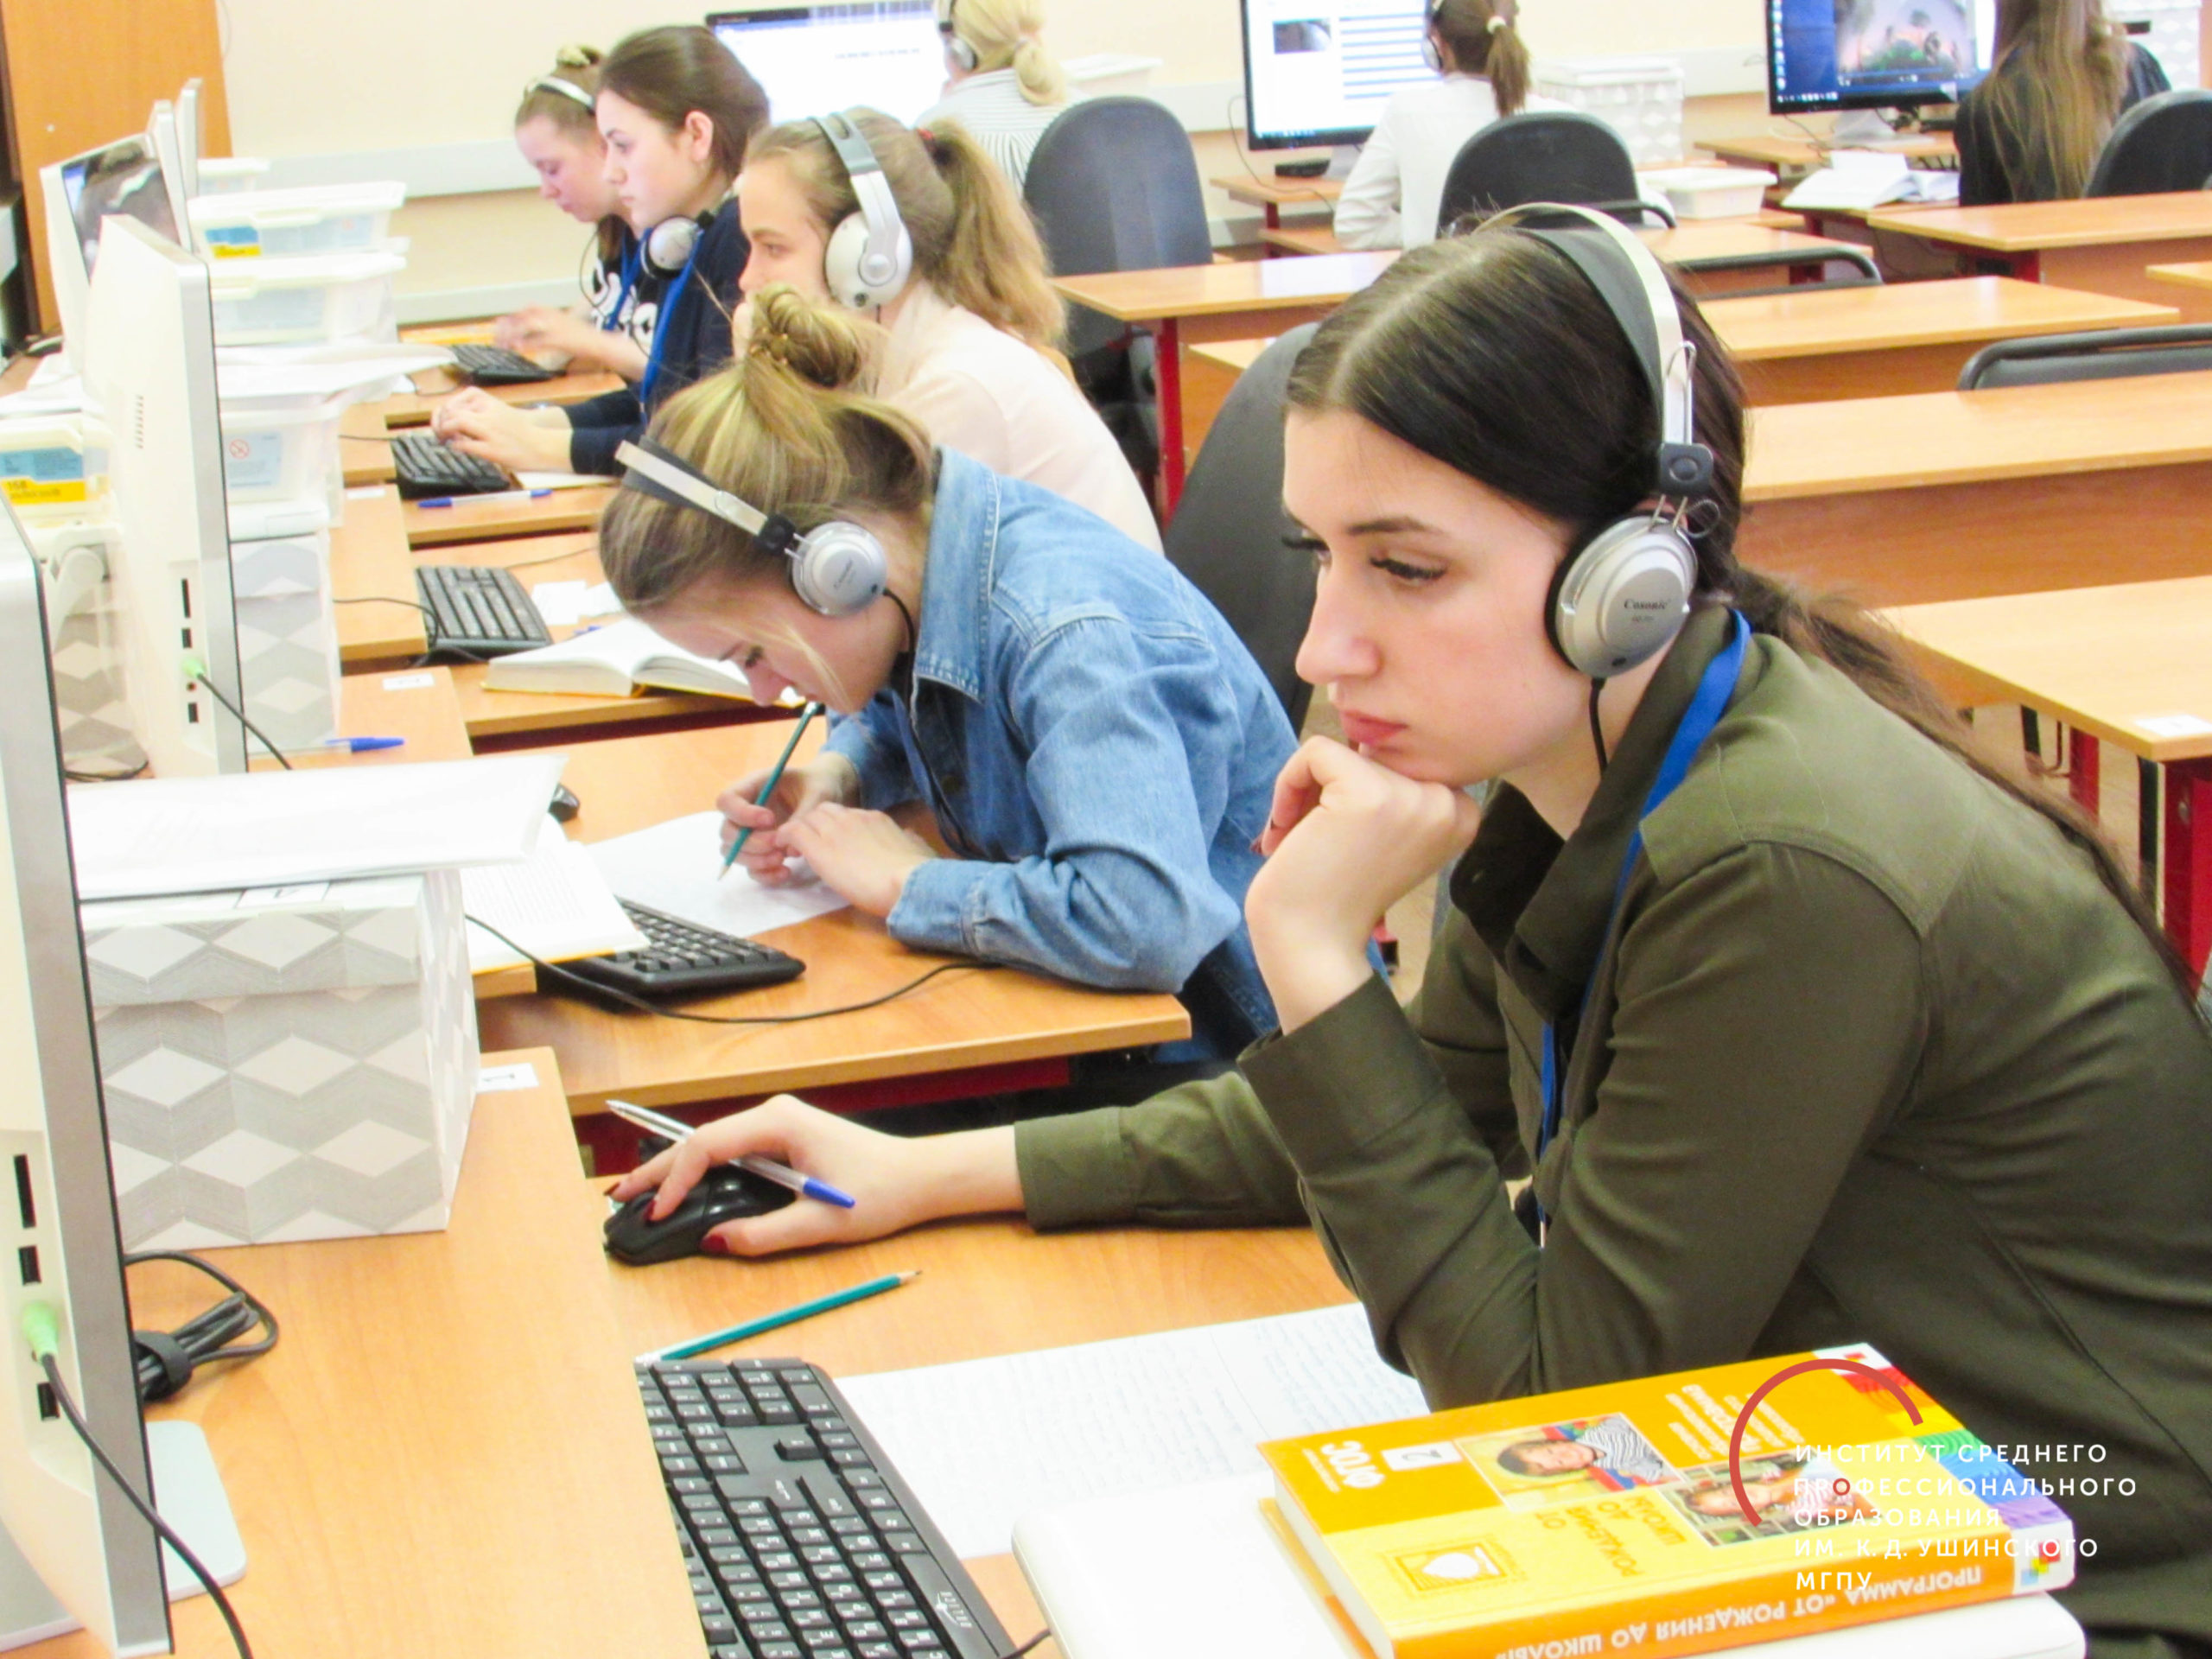 950 студентов сдали экзамены постандартам WorldSkills